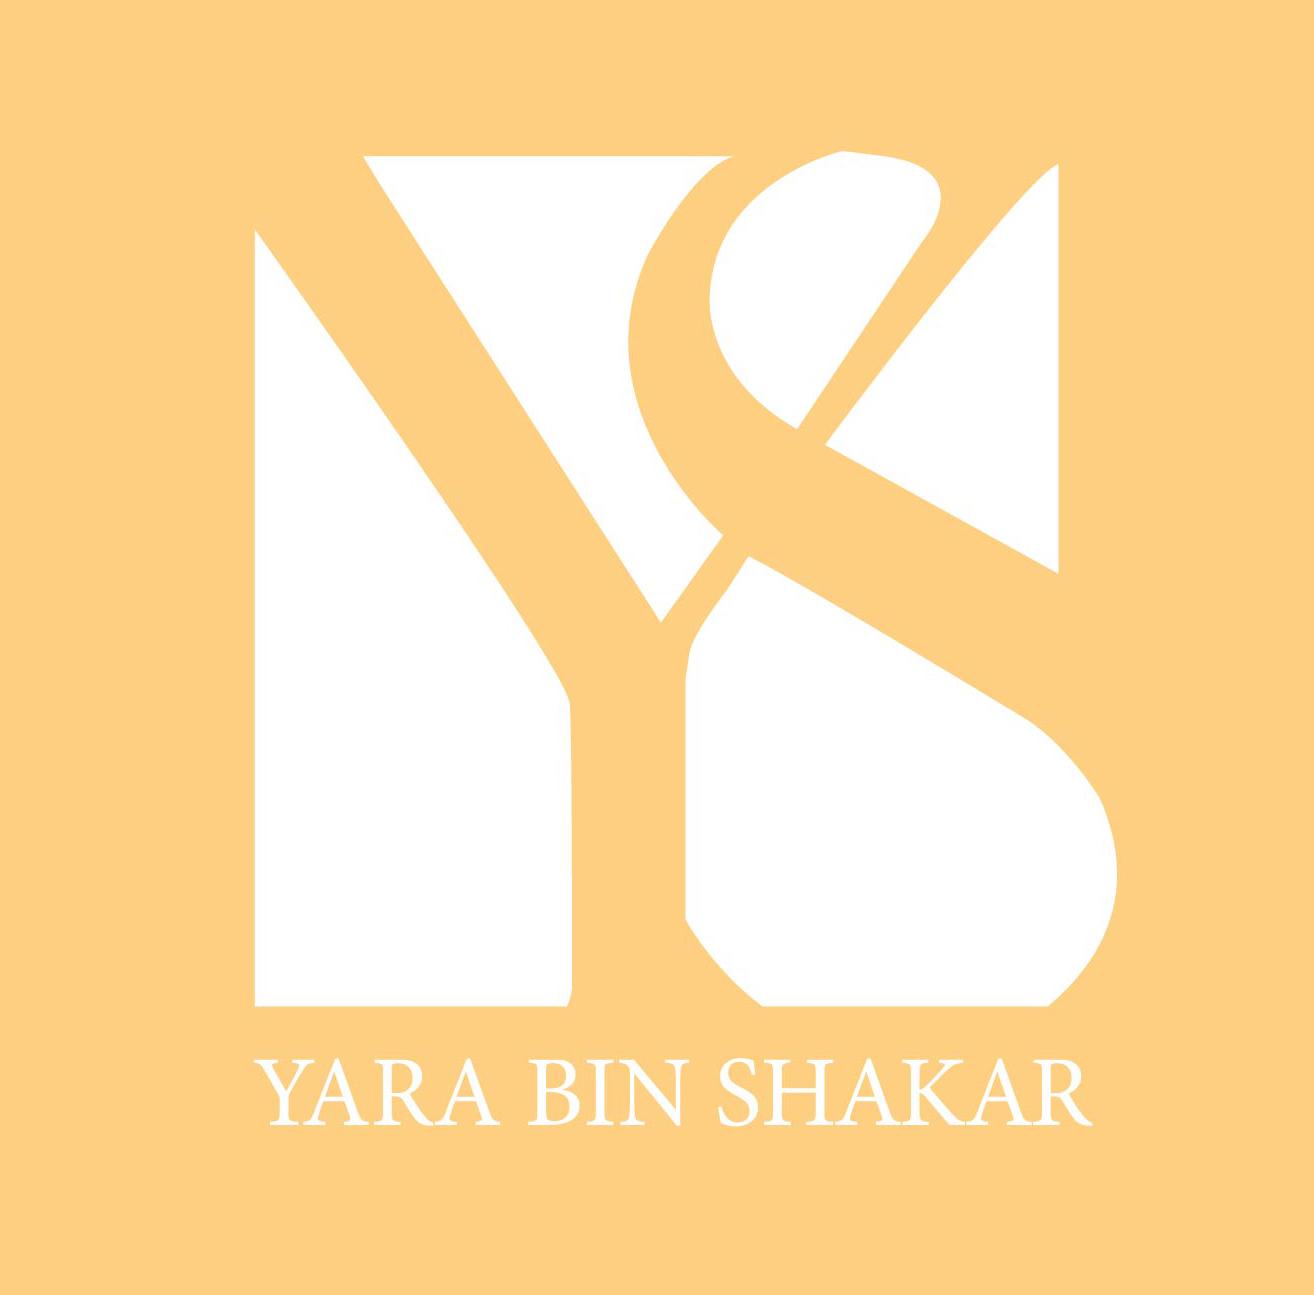 Yara Bin Shakar